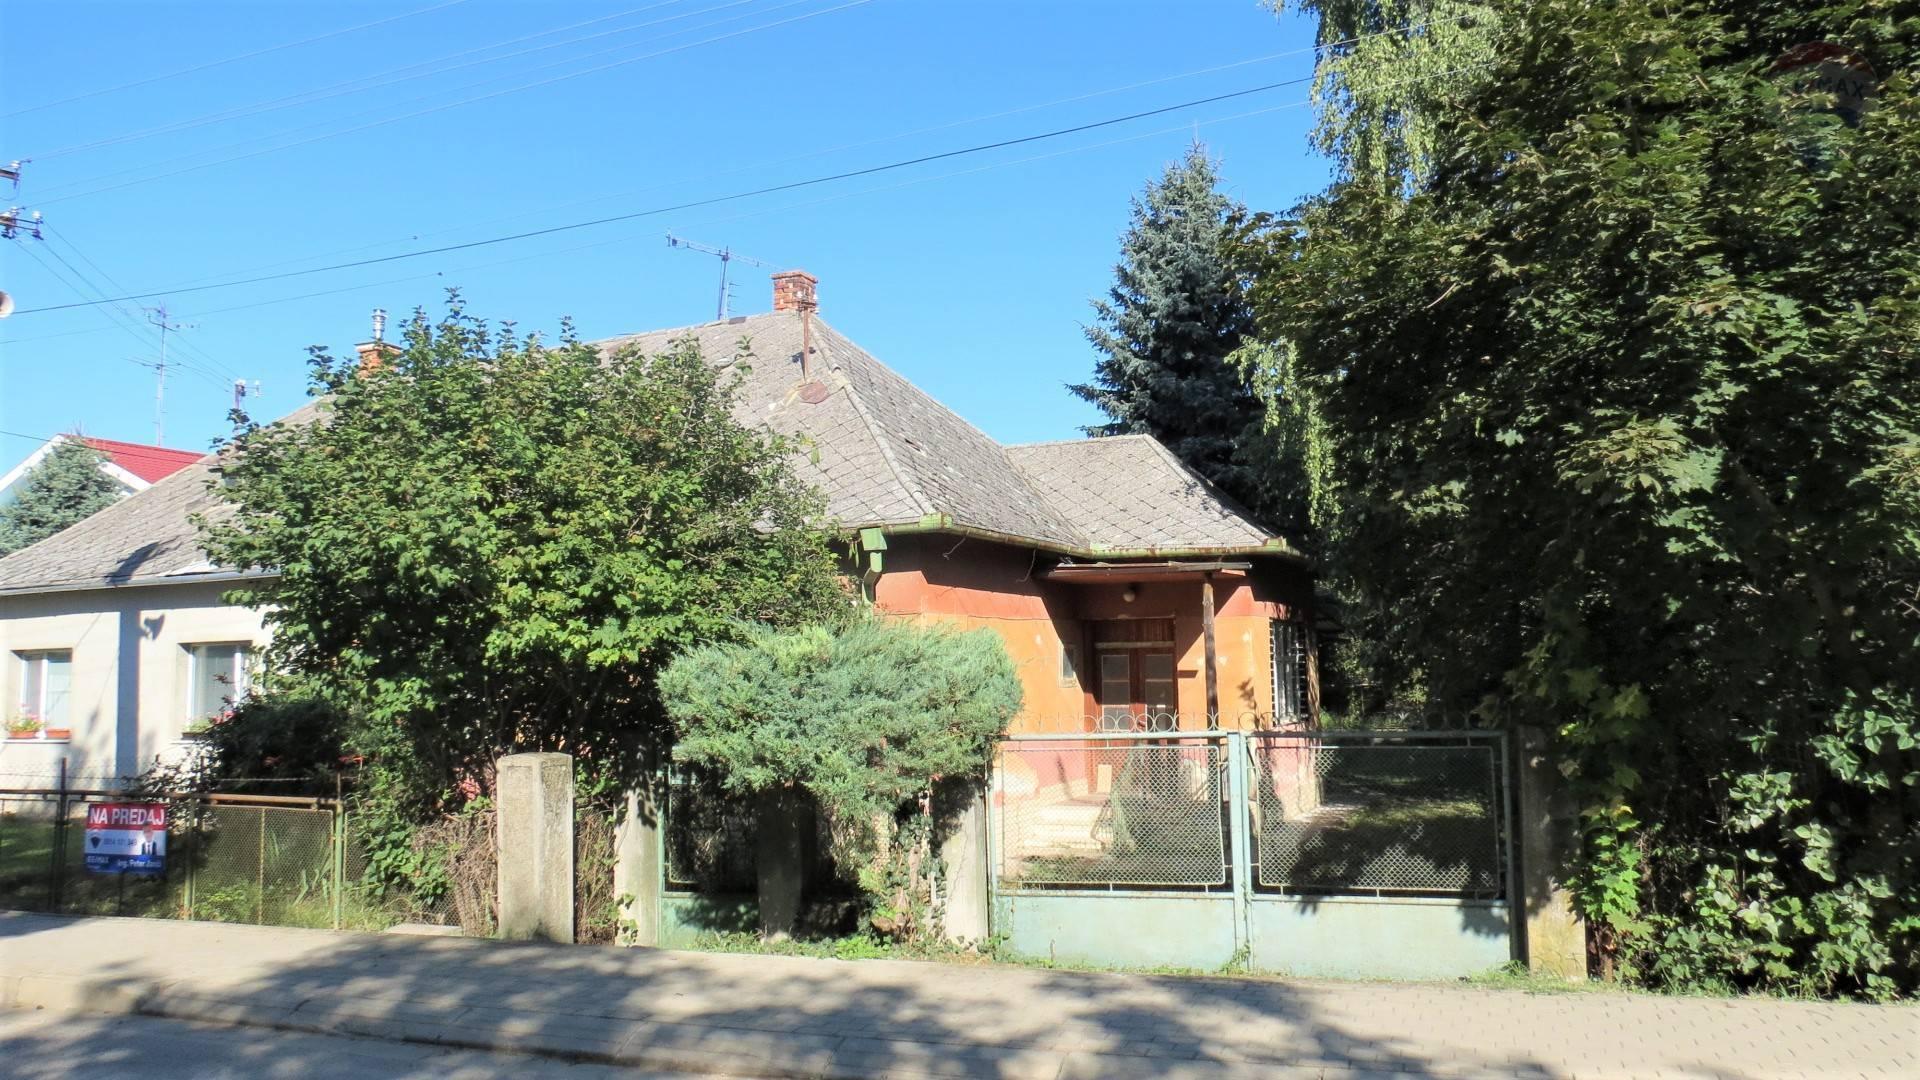 Predaj domu 100 m2, Báb - DOM NA PREDAJ NITRA BÁB